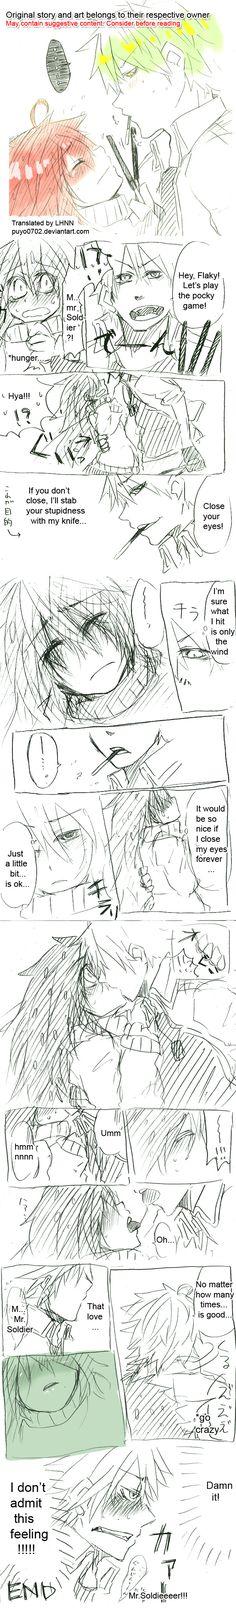 HTF doujinshi translation #12 by minglee7294 on DeviantArt